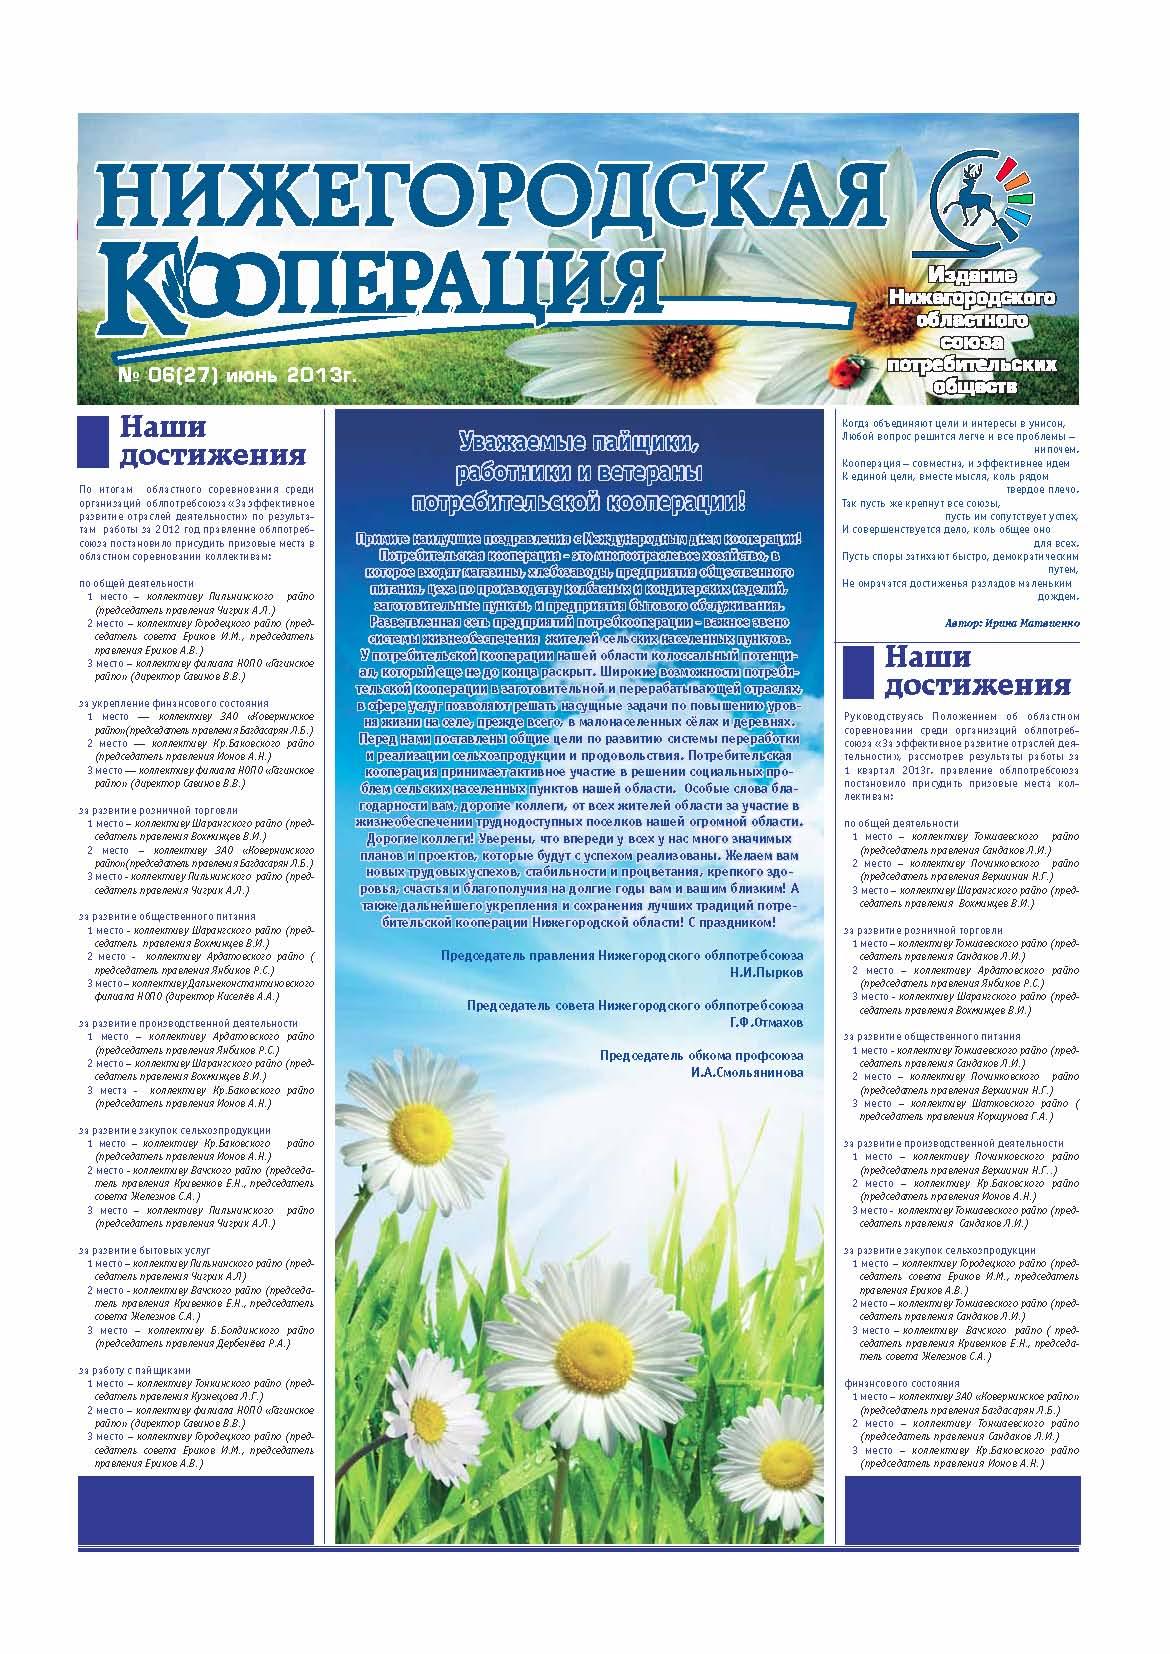 Нижегородская кооперация №6 июнь-июль 2013 г.